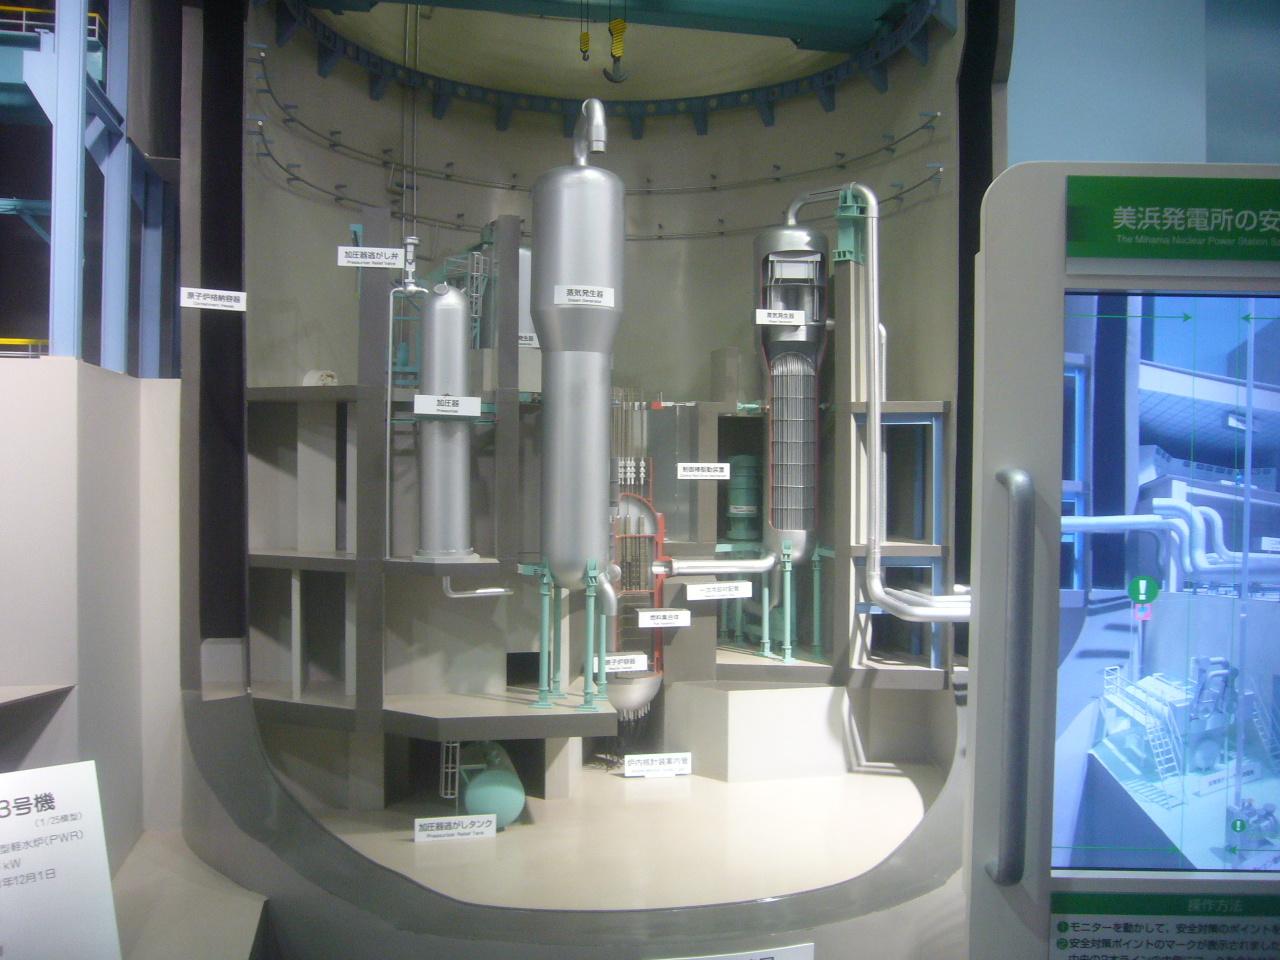 原子炉格納容器 R1.12.07